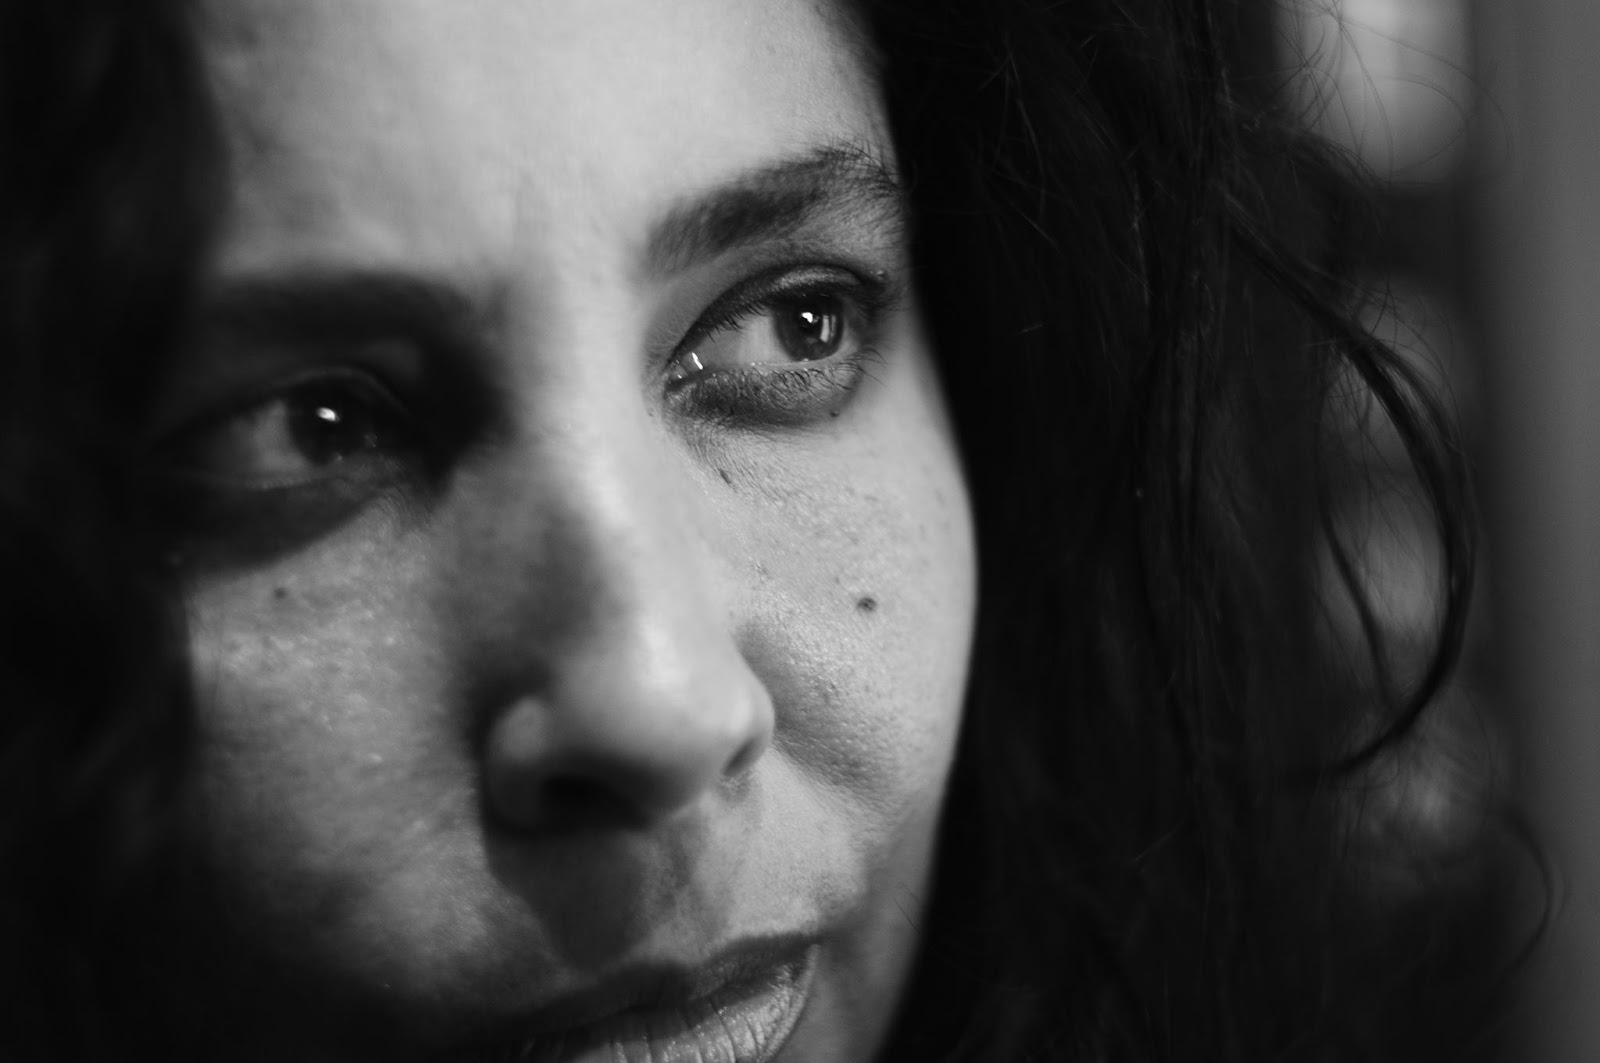 Un nuovo Venticinque Aprile per questa nostra Patria ferita... riflessioni dal sito di Giovanna Mulas